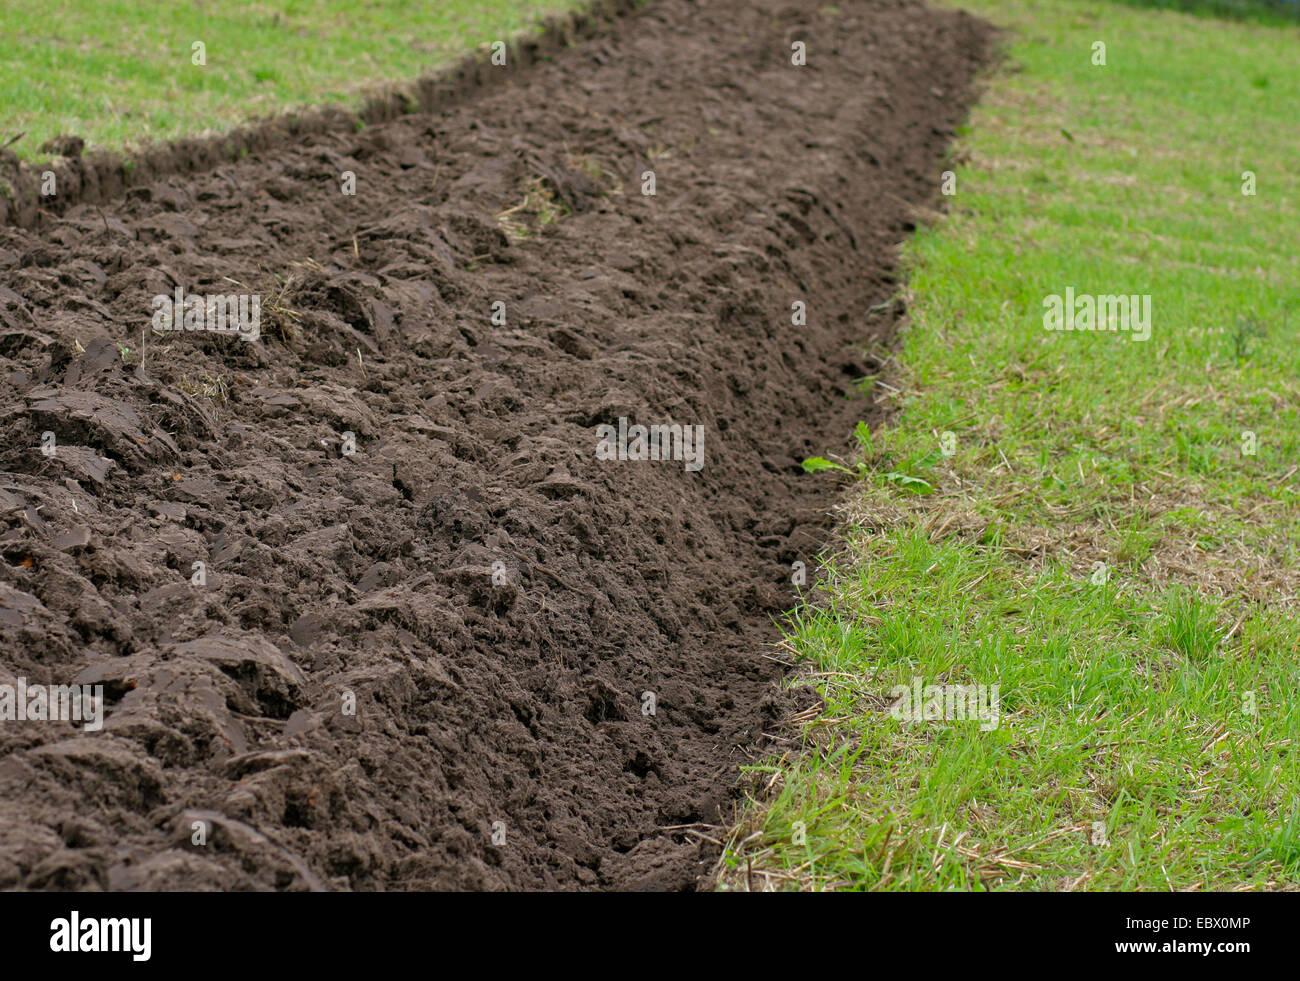 plowed field, Germany, Brandenburg, Bad Freienwalde - Stock Image